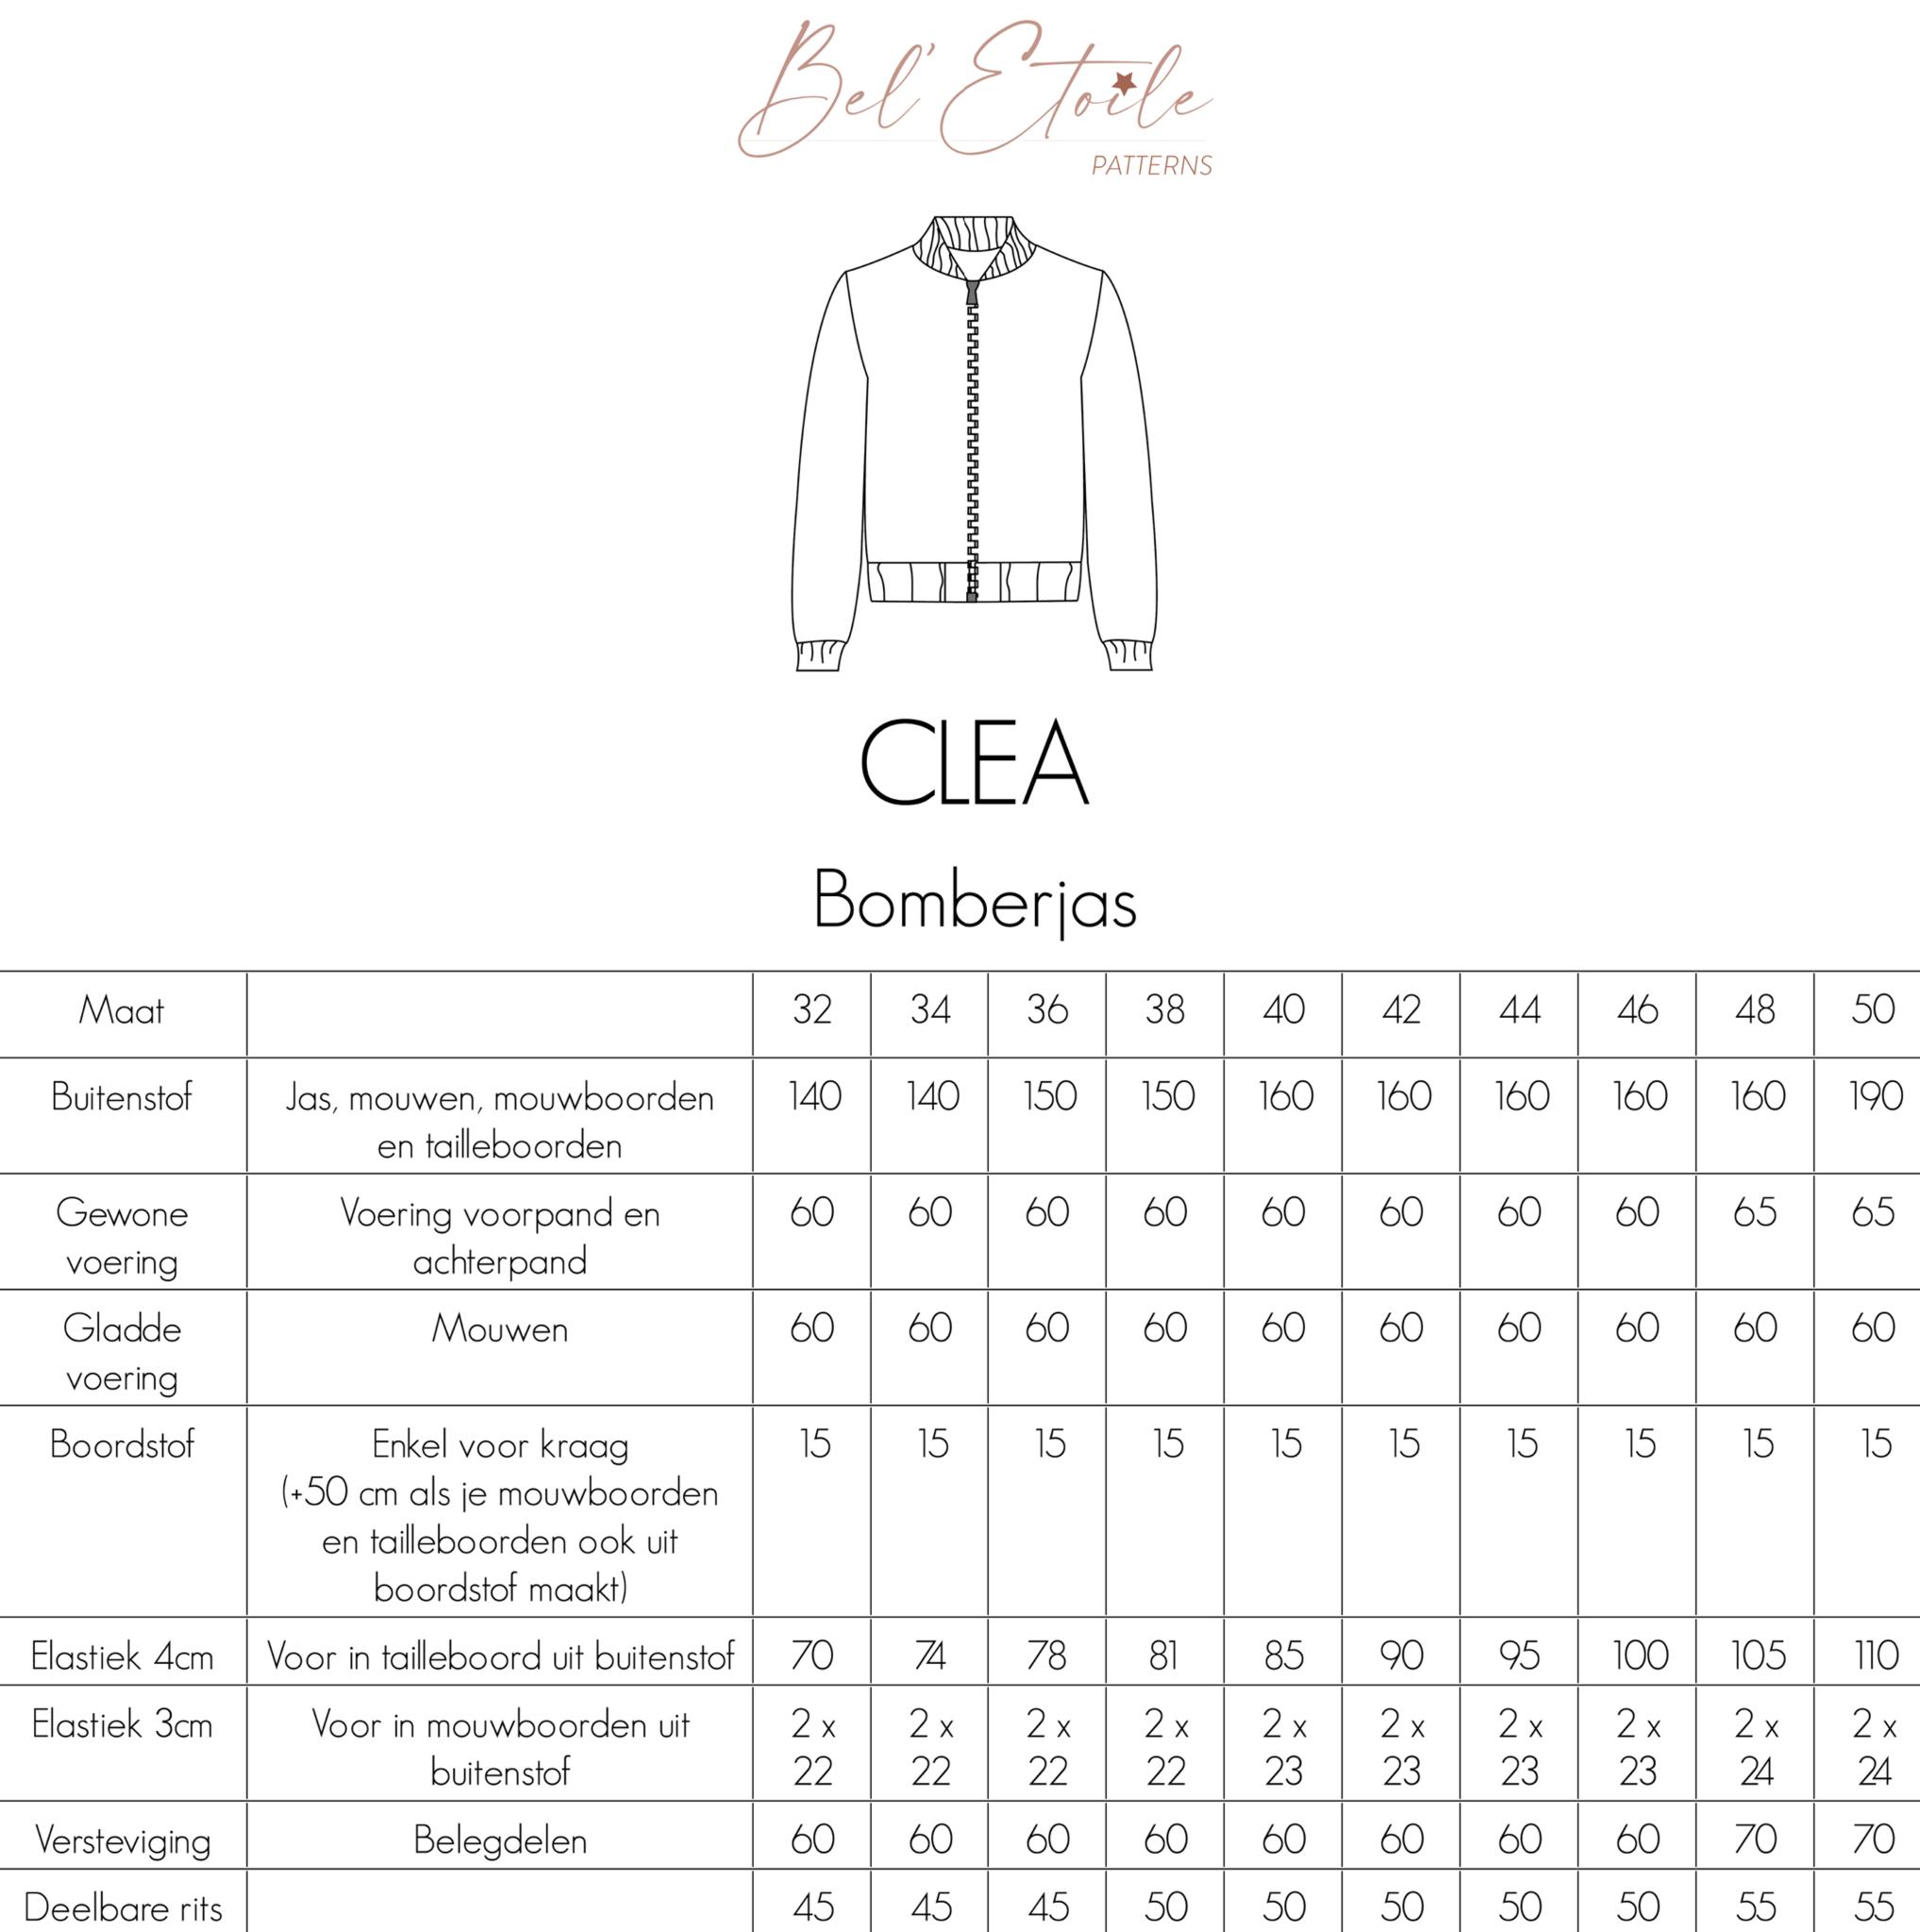 Clea - Bomberjas-4